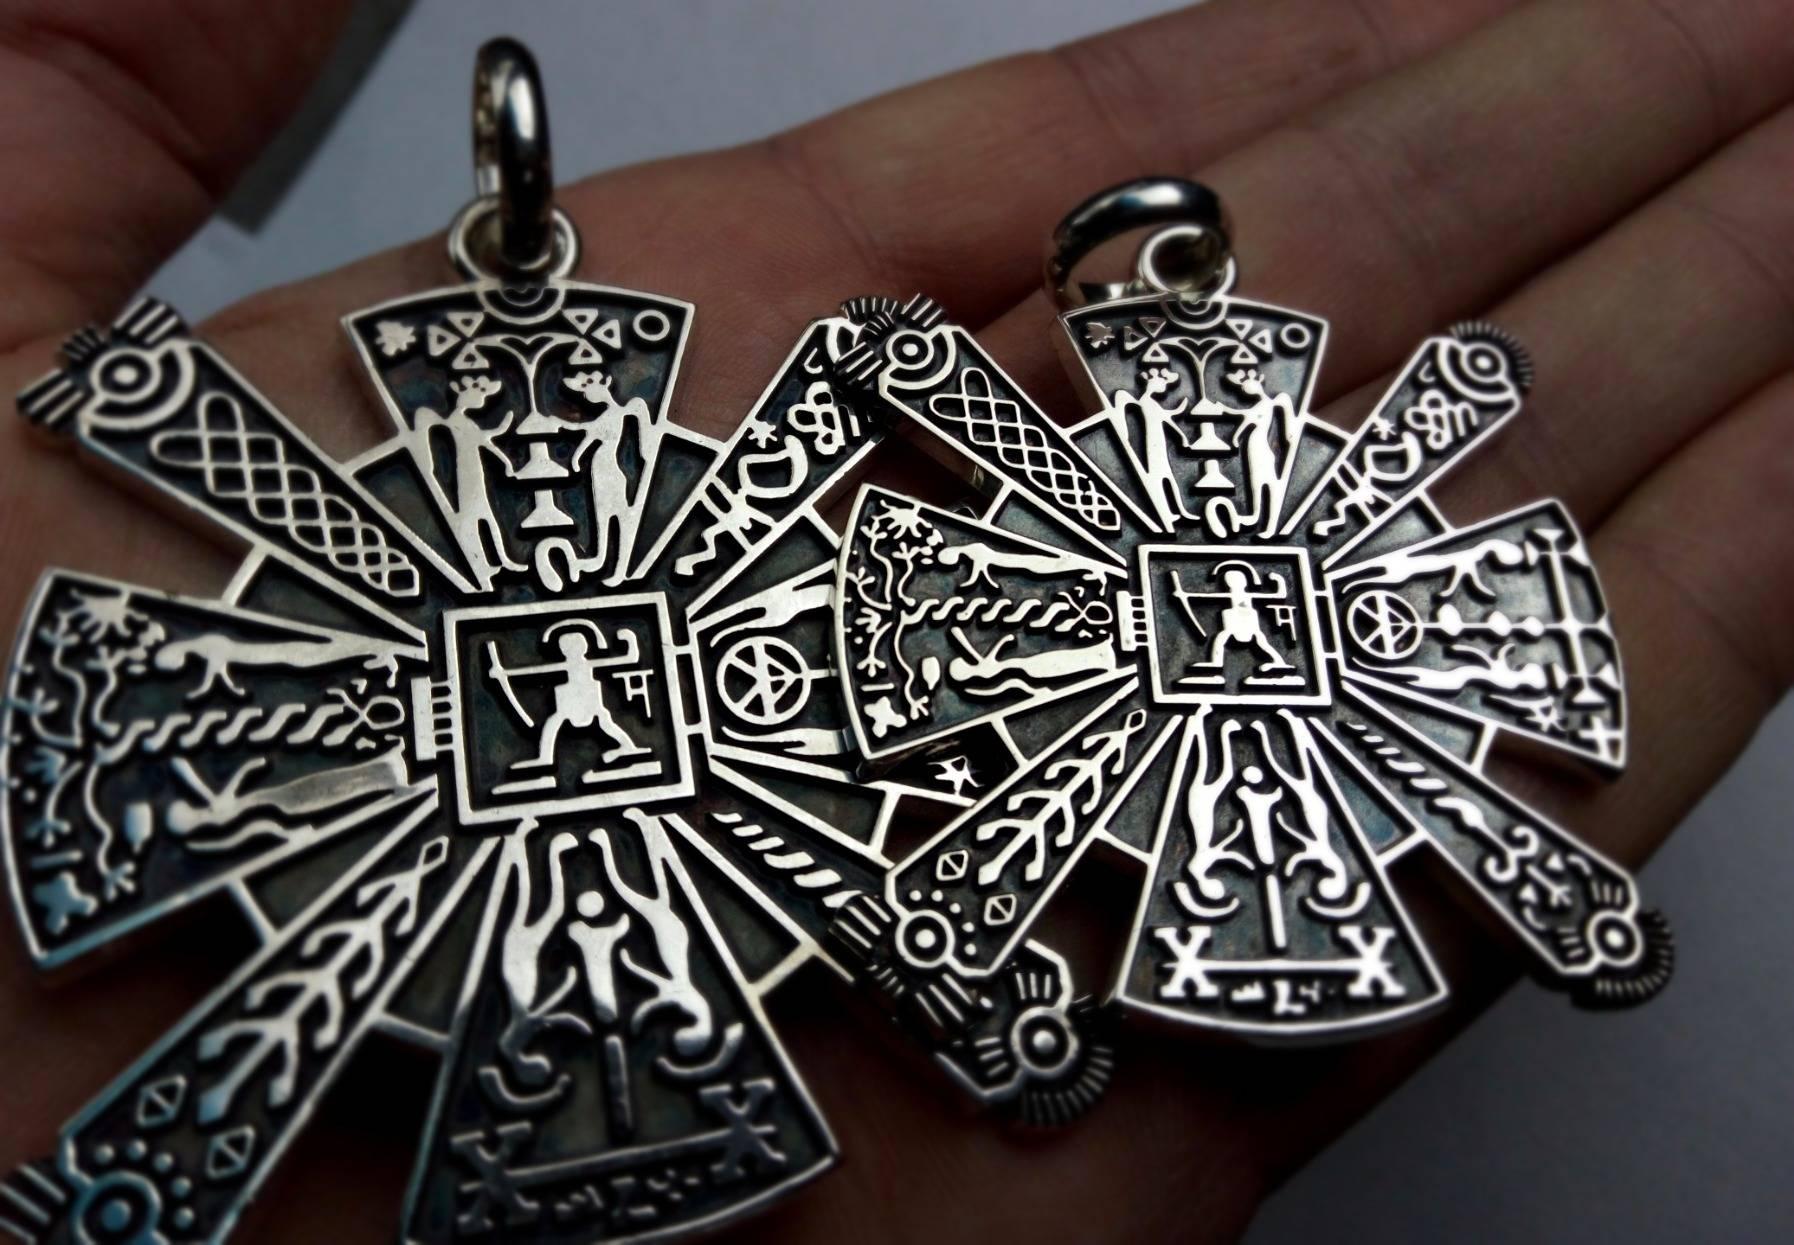 Славянский оберег крес: значение и описание символа (фото)